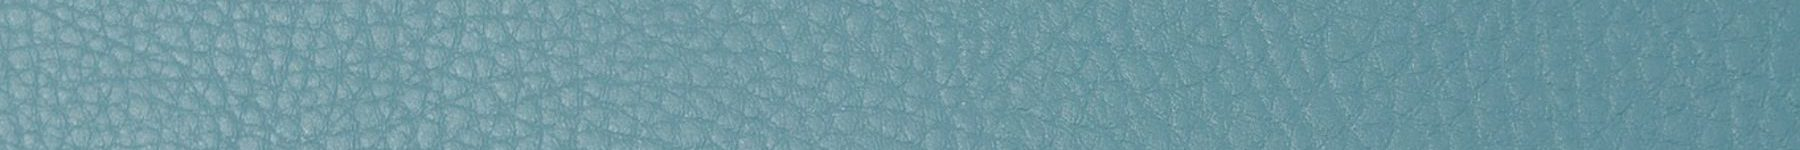 SWOOFLE Möbel - gletscher - schwer entflammbar - B1 - DIN 4102